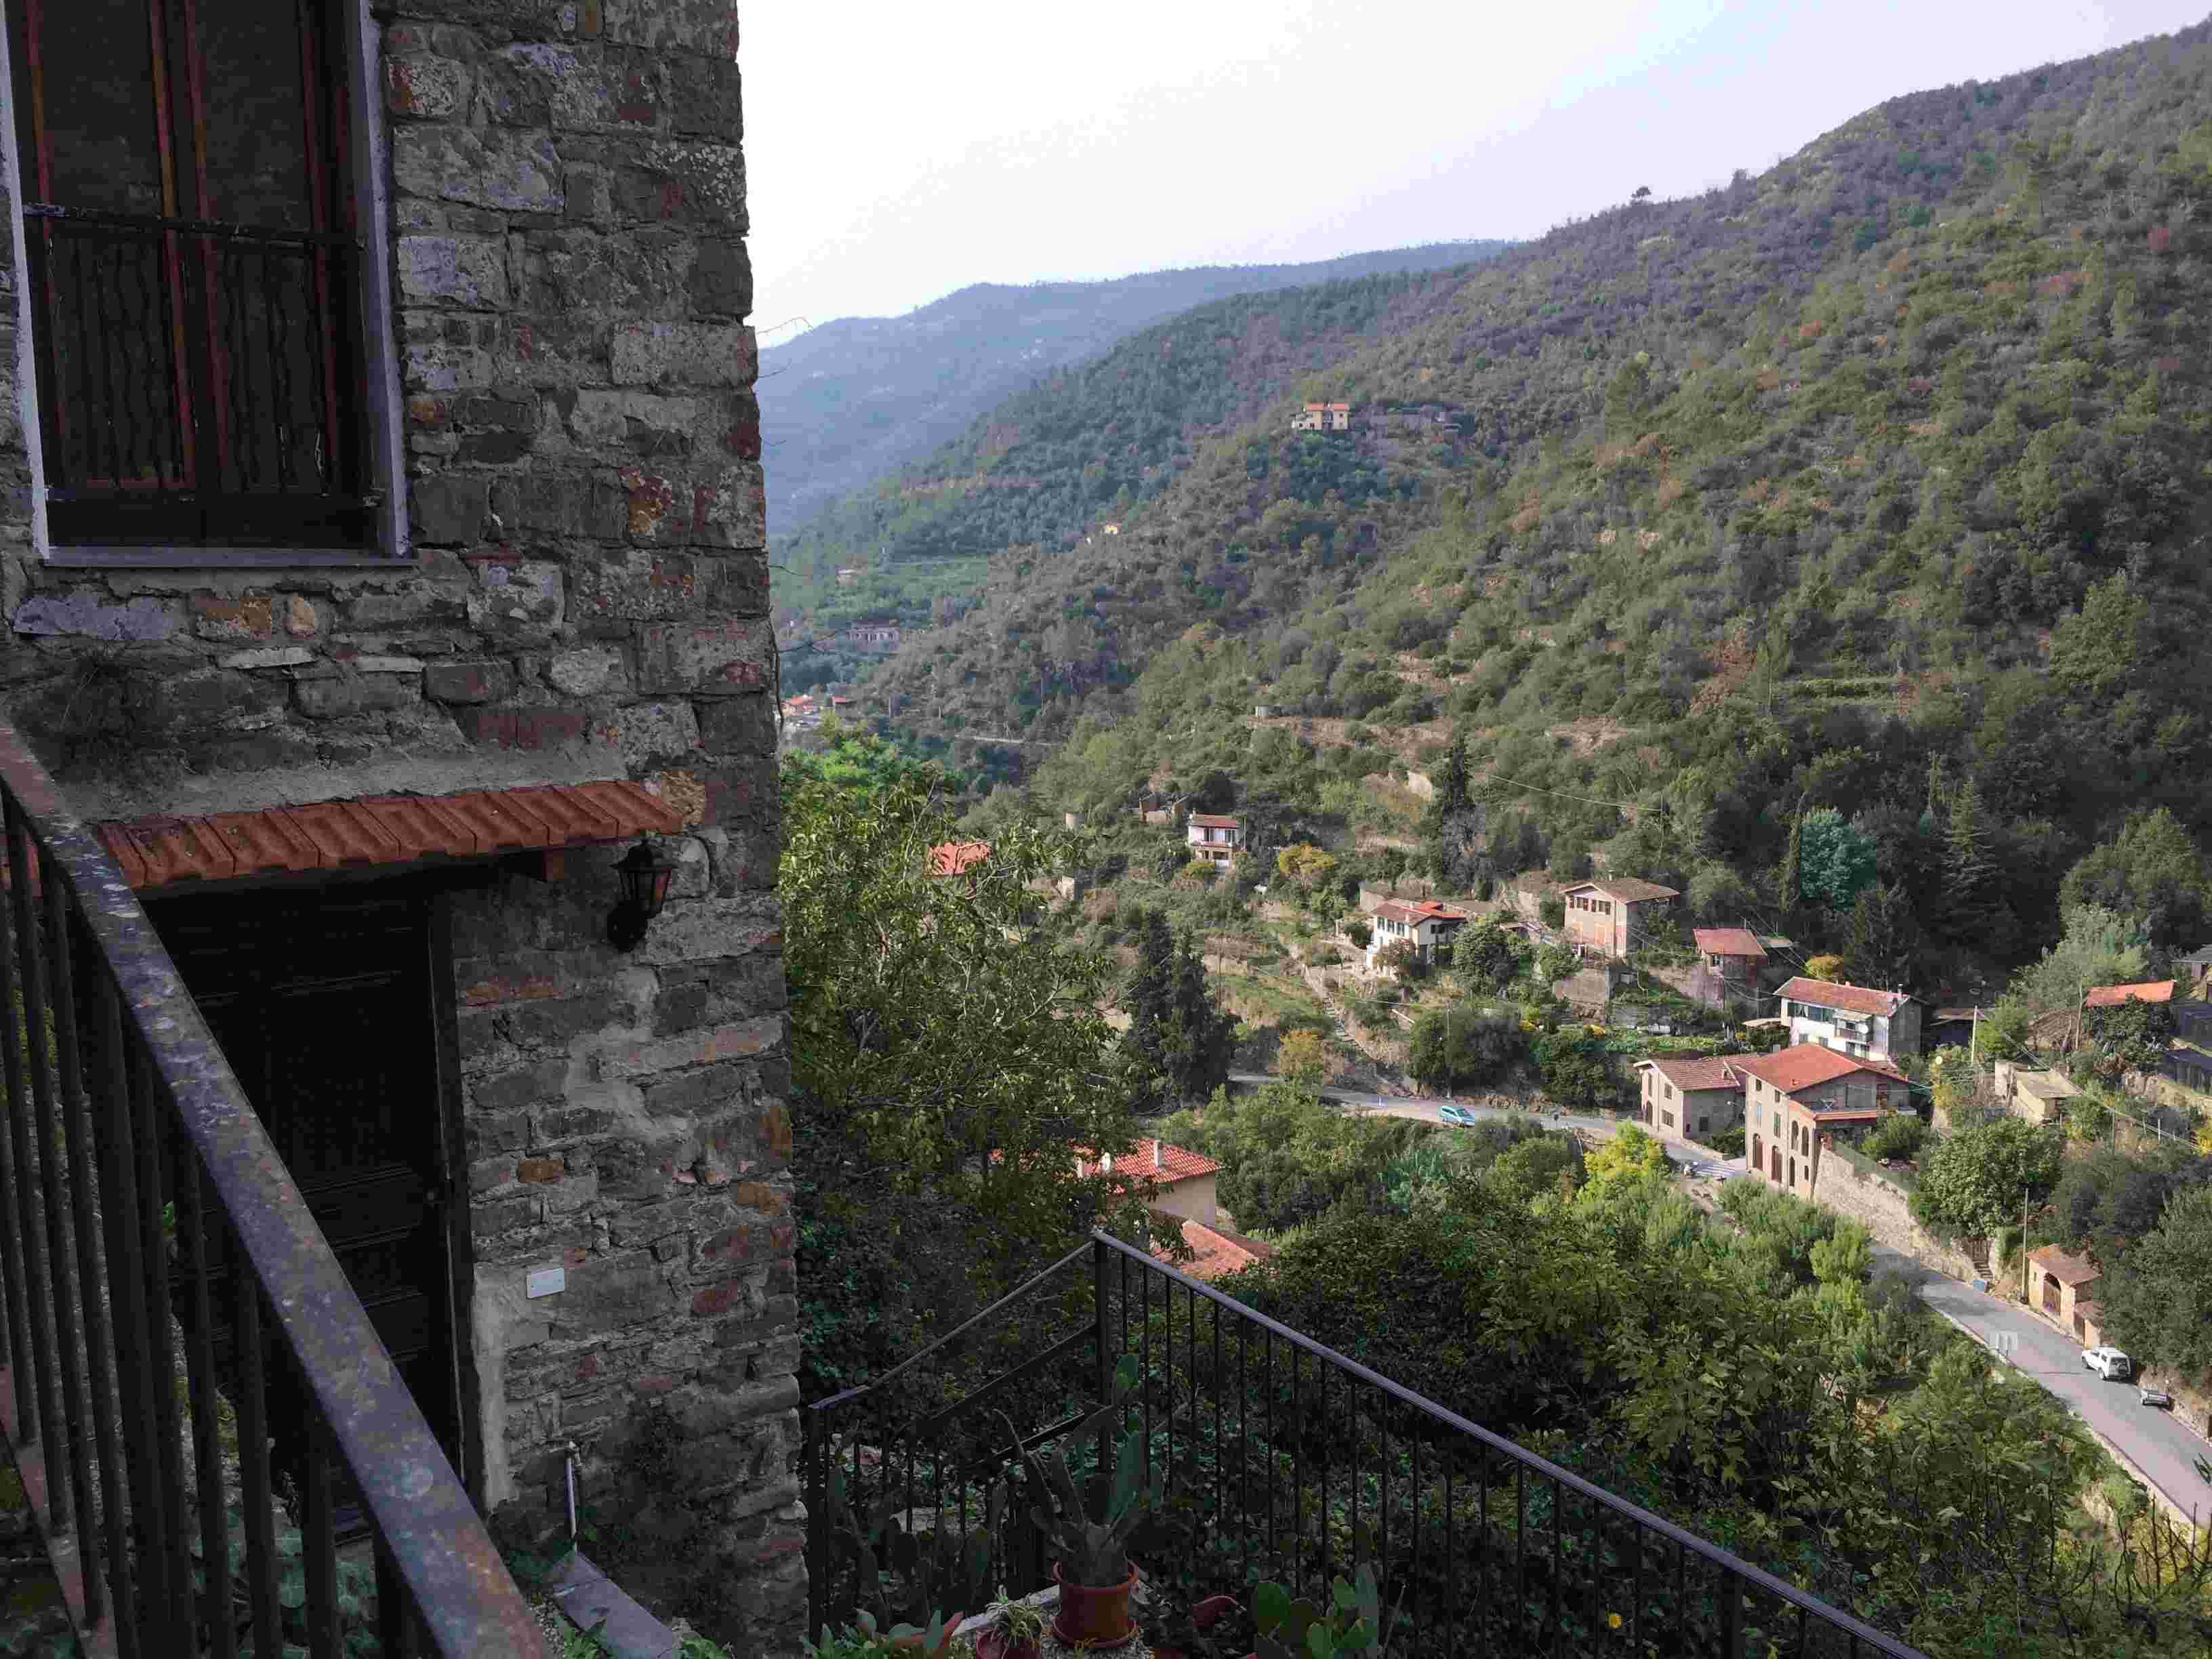 Apricale, le plus beau village d'Italie Aprica34